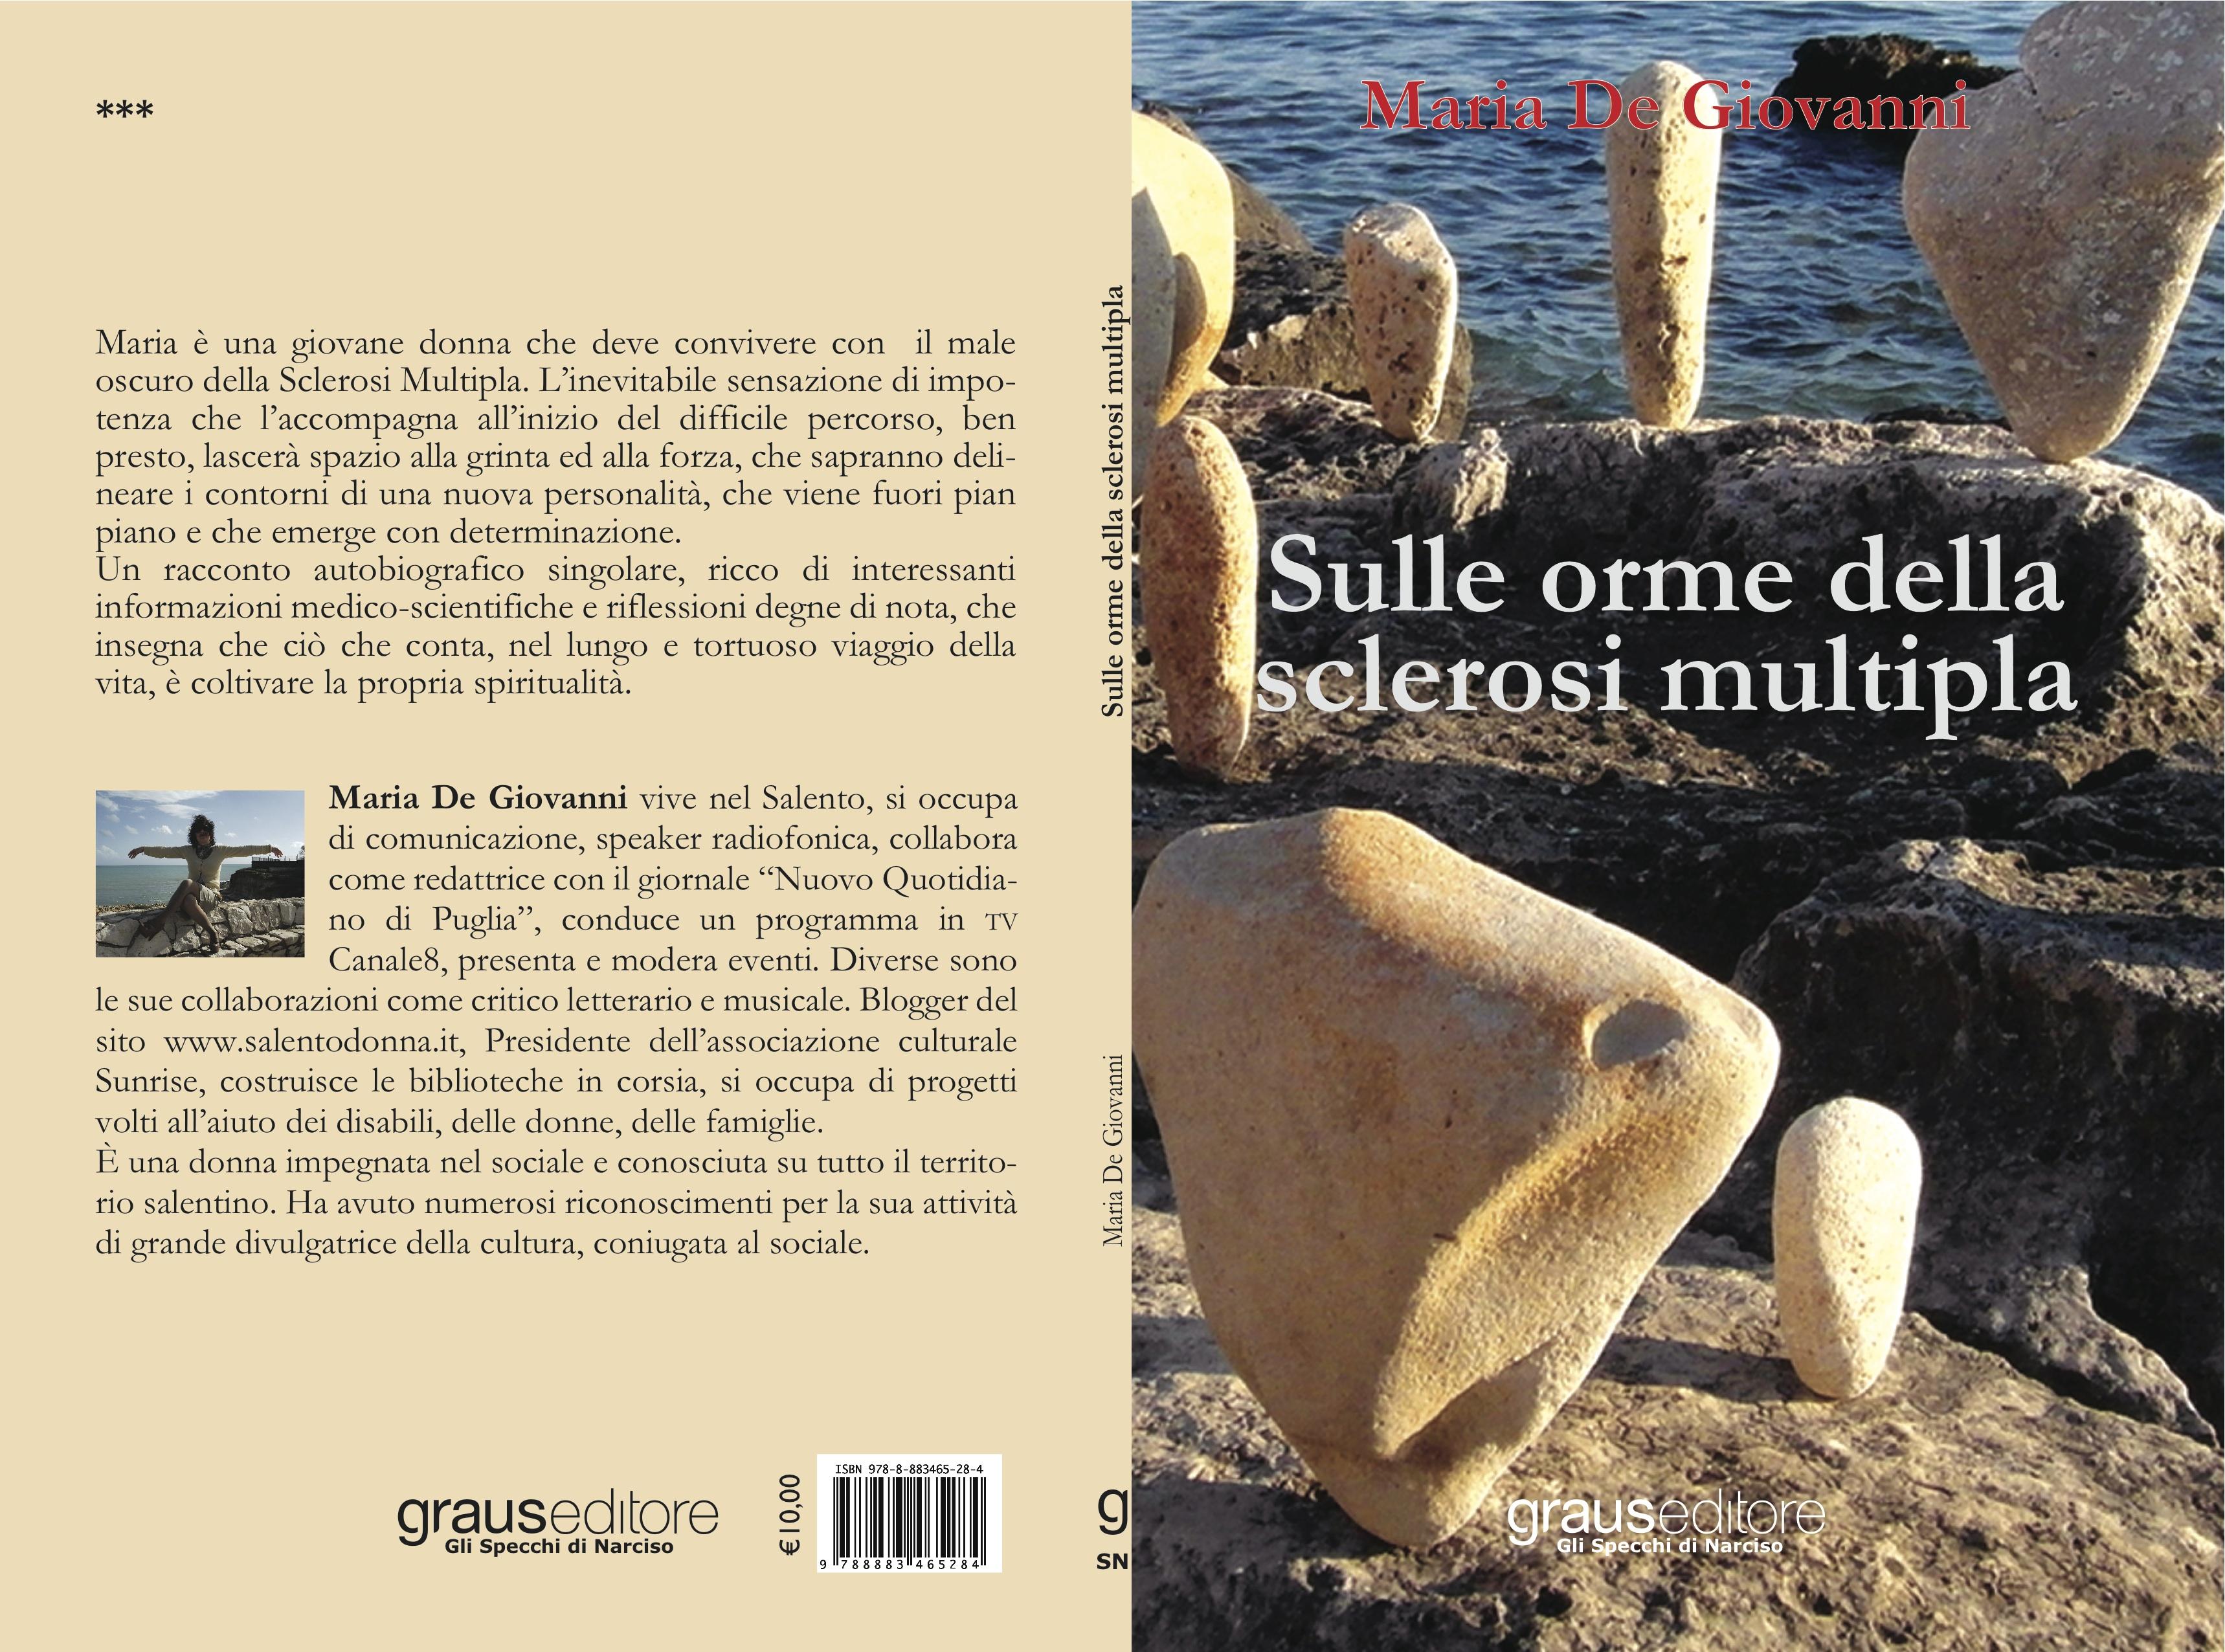 Sulle orme della sclerosi multipla domani a Palazzo Adorno a Lecce la presentazione ufficiale